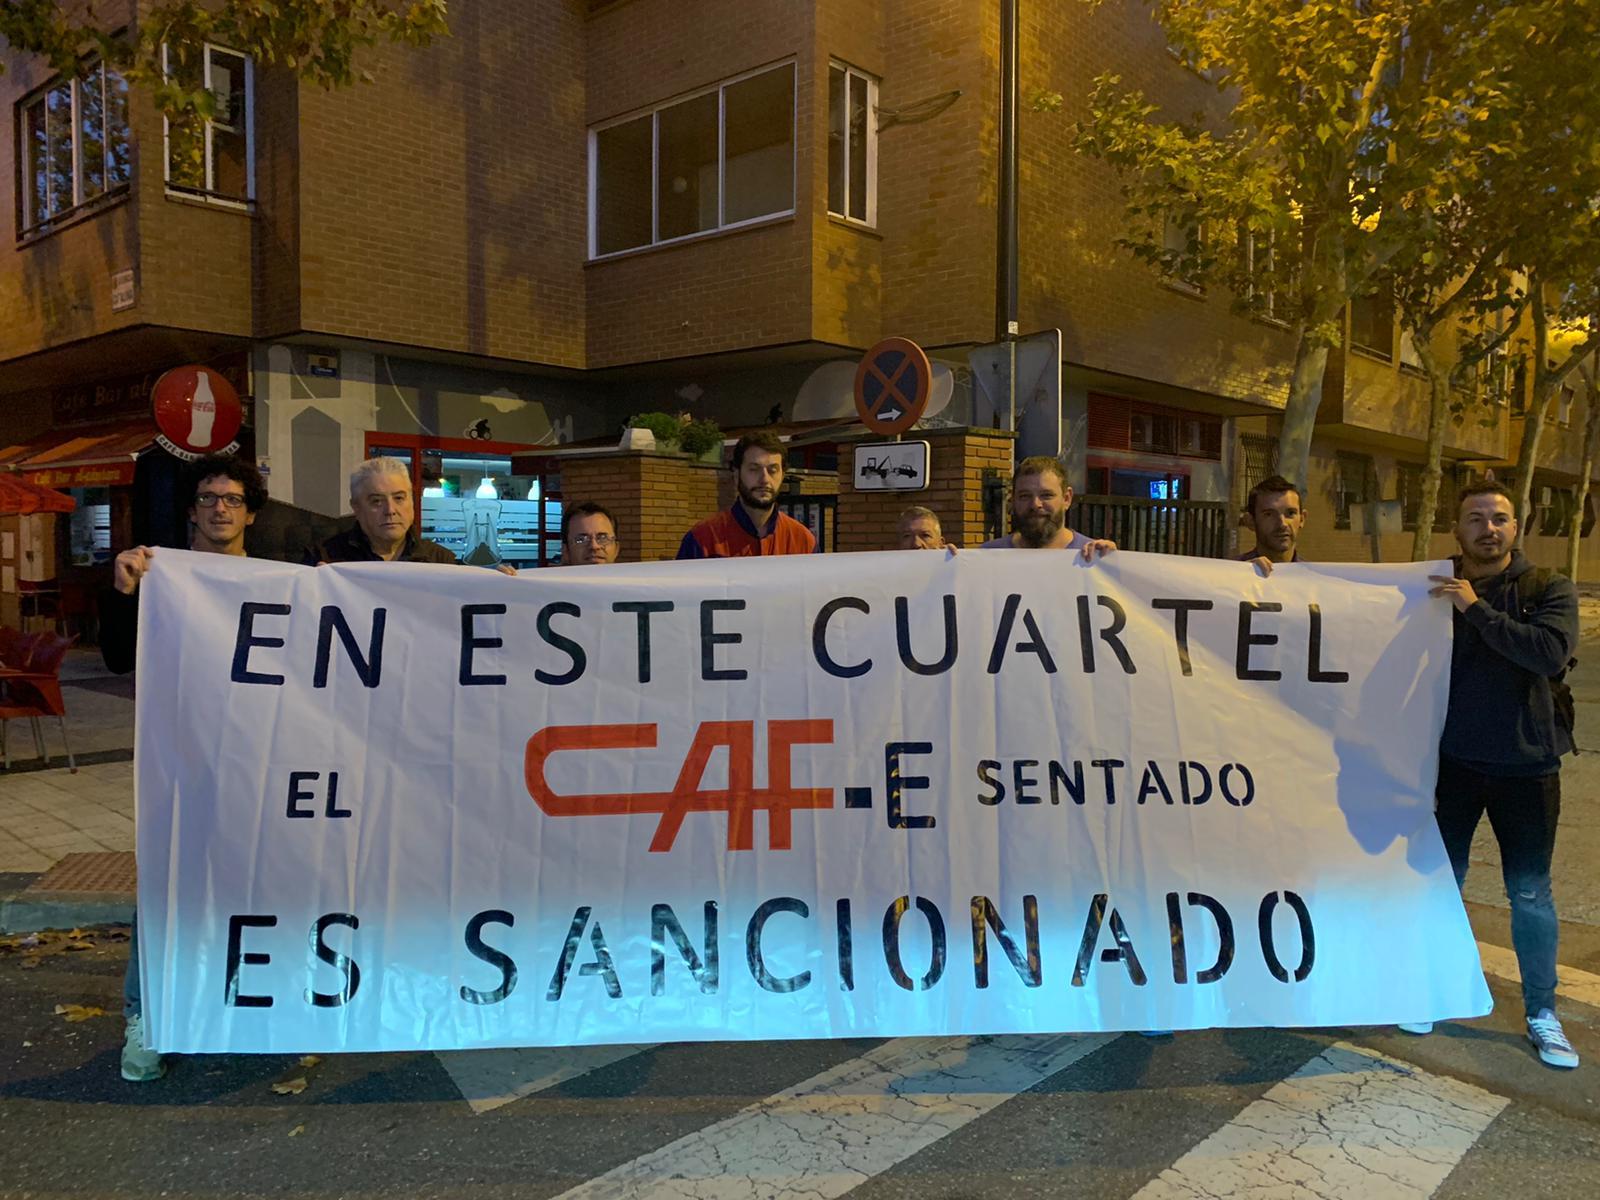 En este cuartel el CAF-e sentado es sancionado. GTI-IA, CAF-Zaragoza